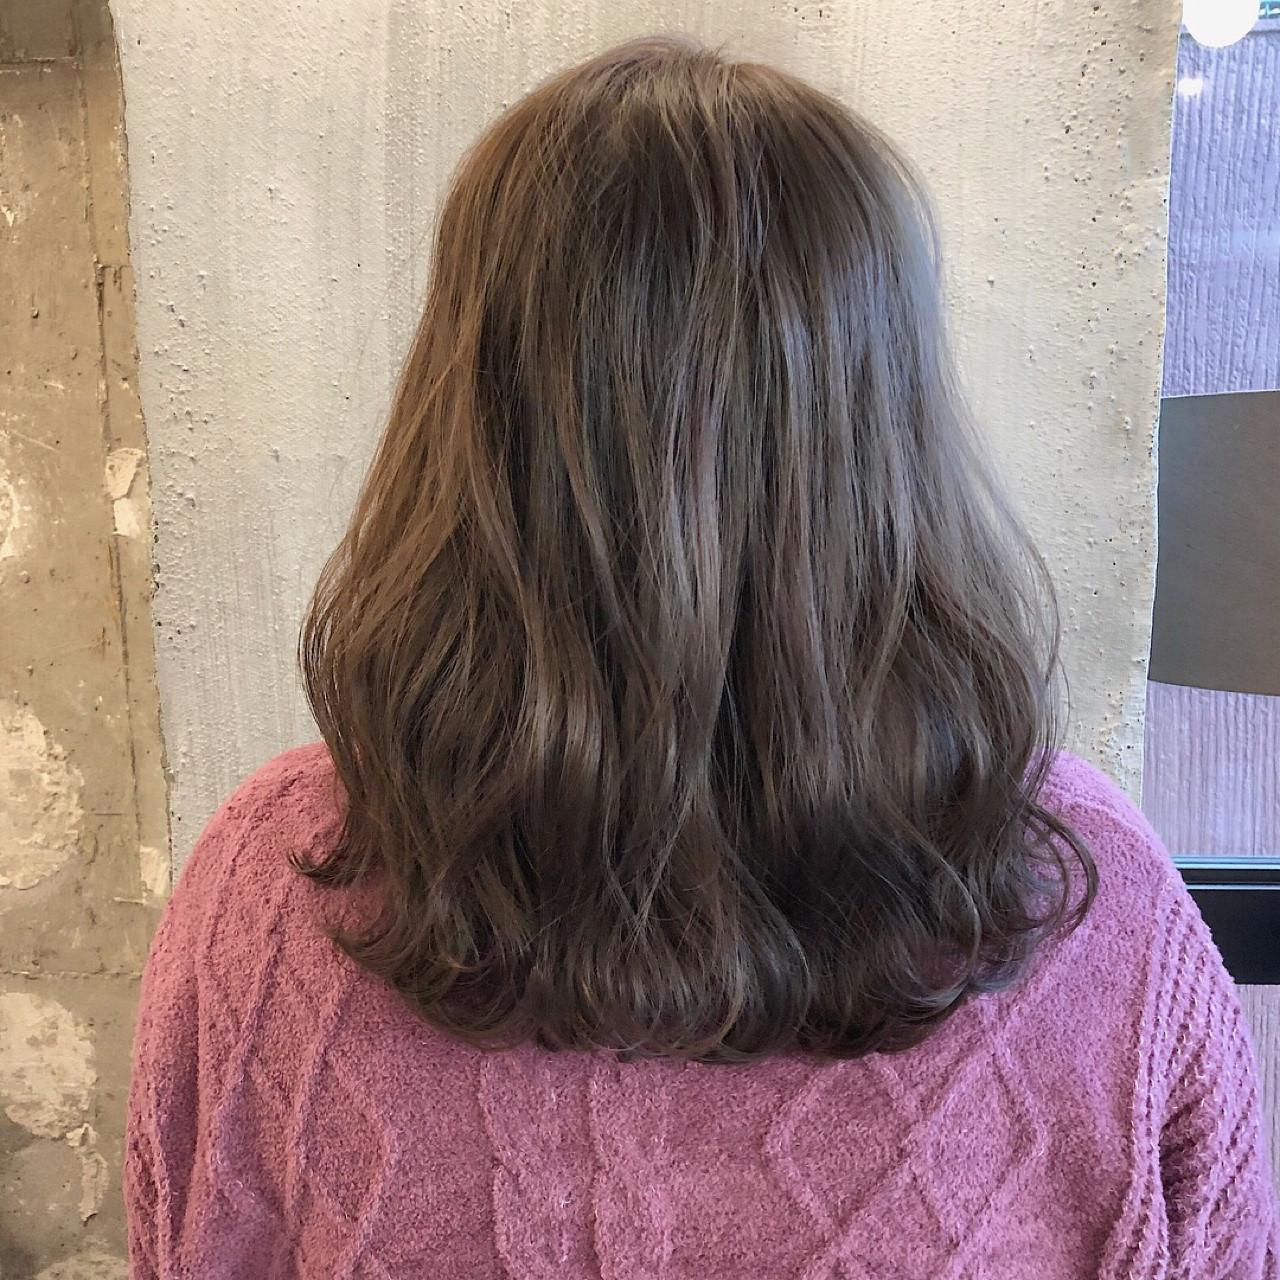 謝恩会 結婚式 ミディアム ナチュラル ヘアスタイルや髪型の写真・画像 | 冨永 真太郎 / 人トナリ